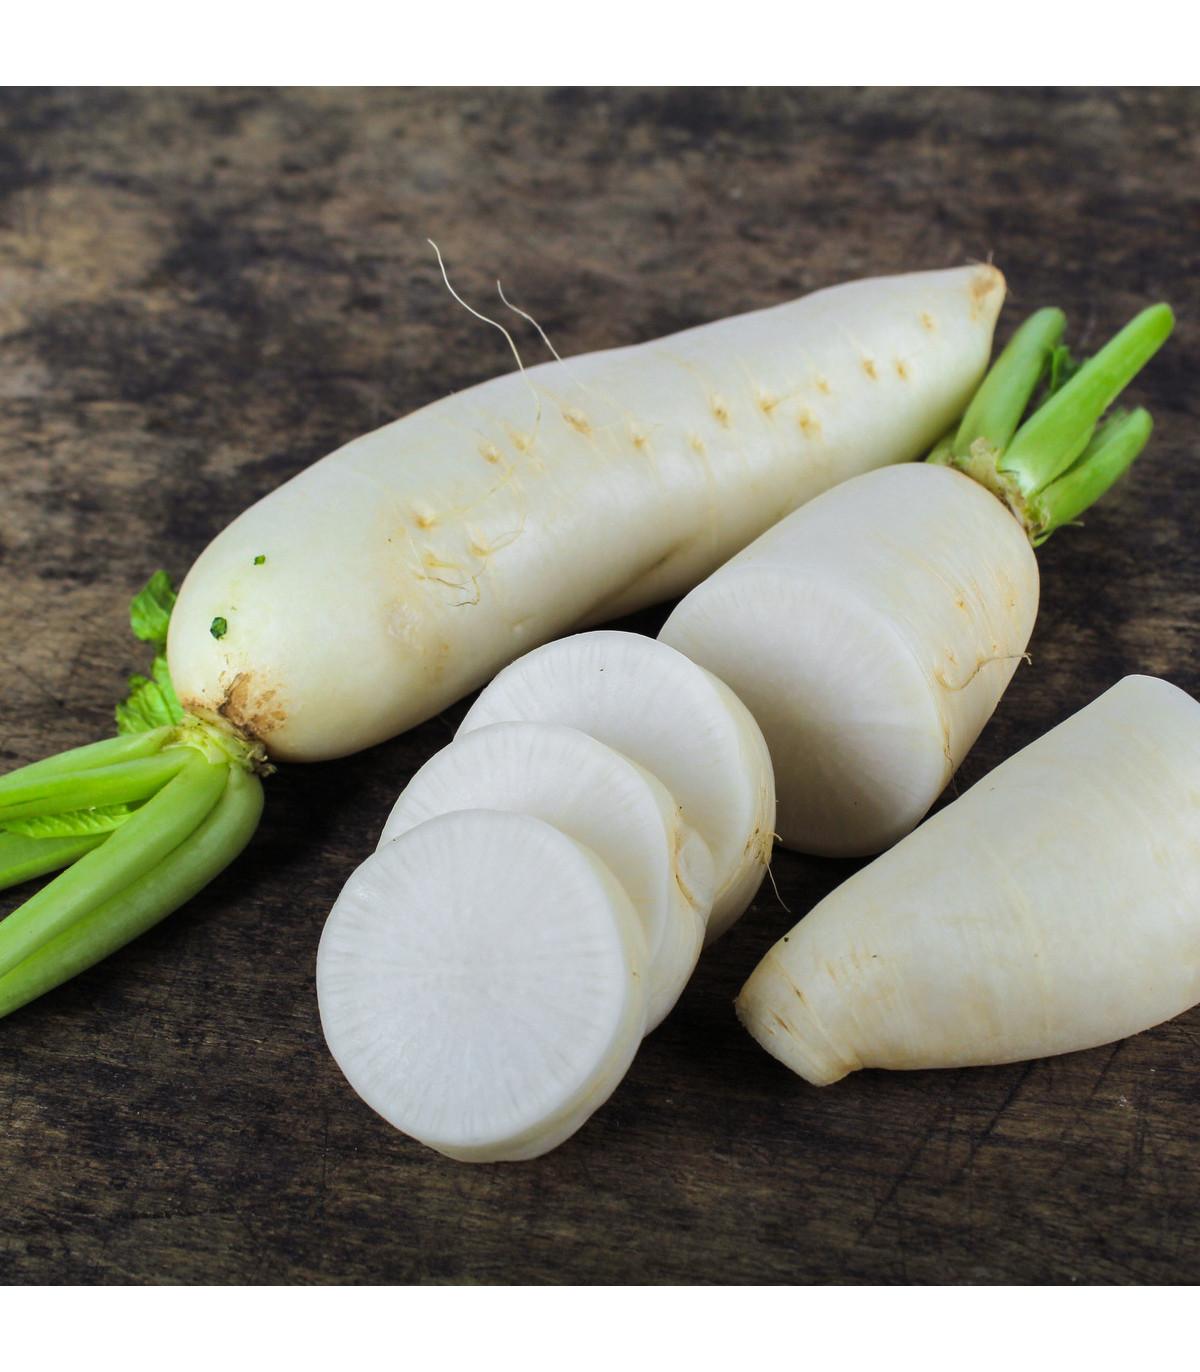 Reďkovka siata biela - Rahpanus sativus - semená bielej reďkovky - semiačka - 1 gr